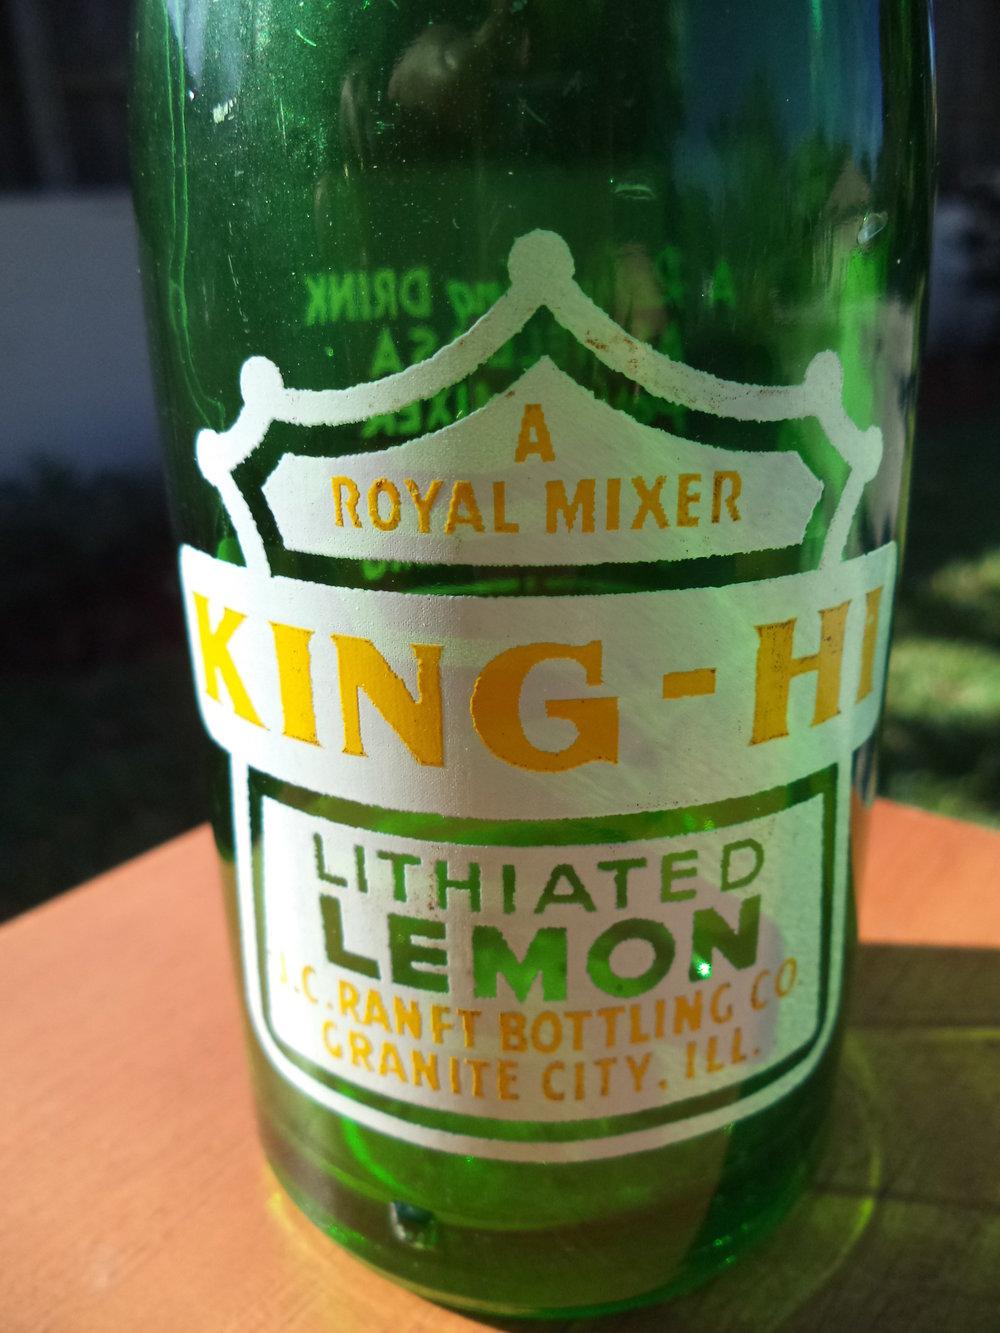 King-HI